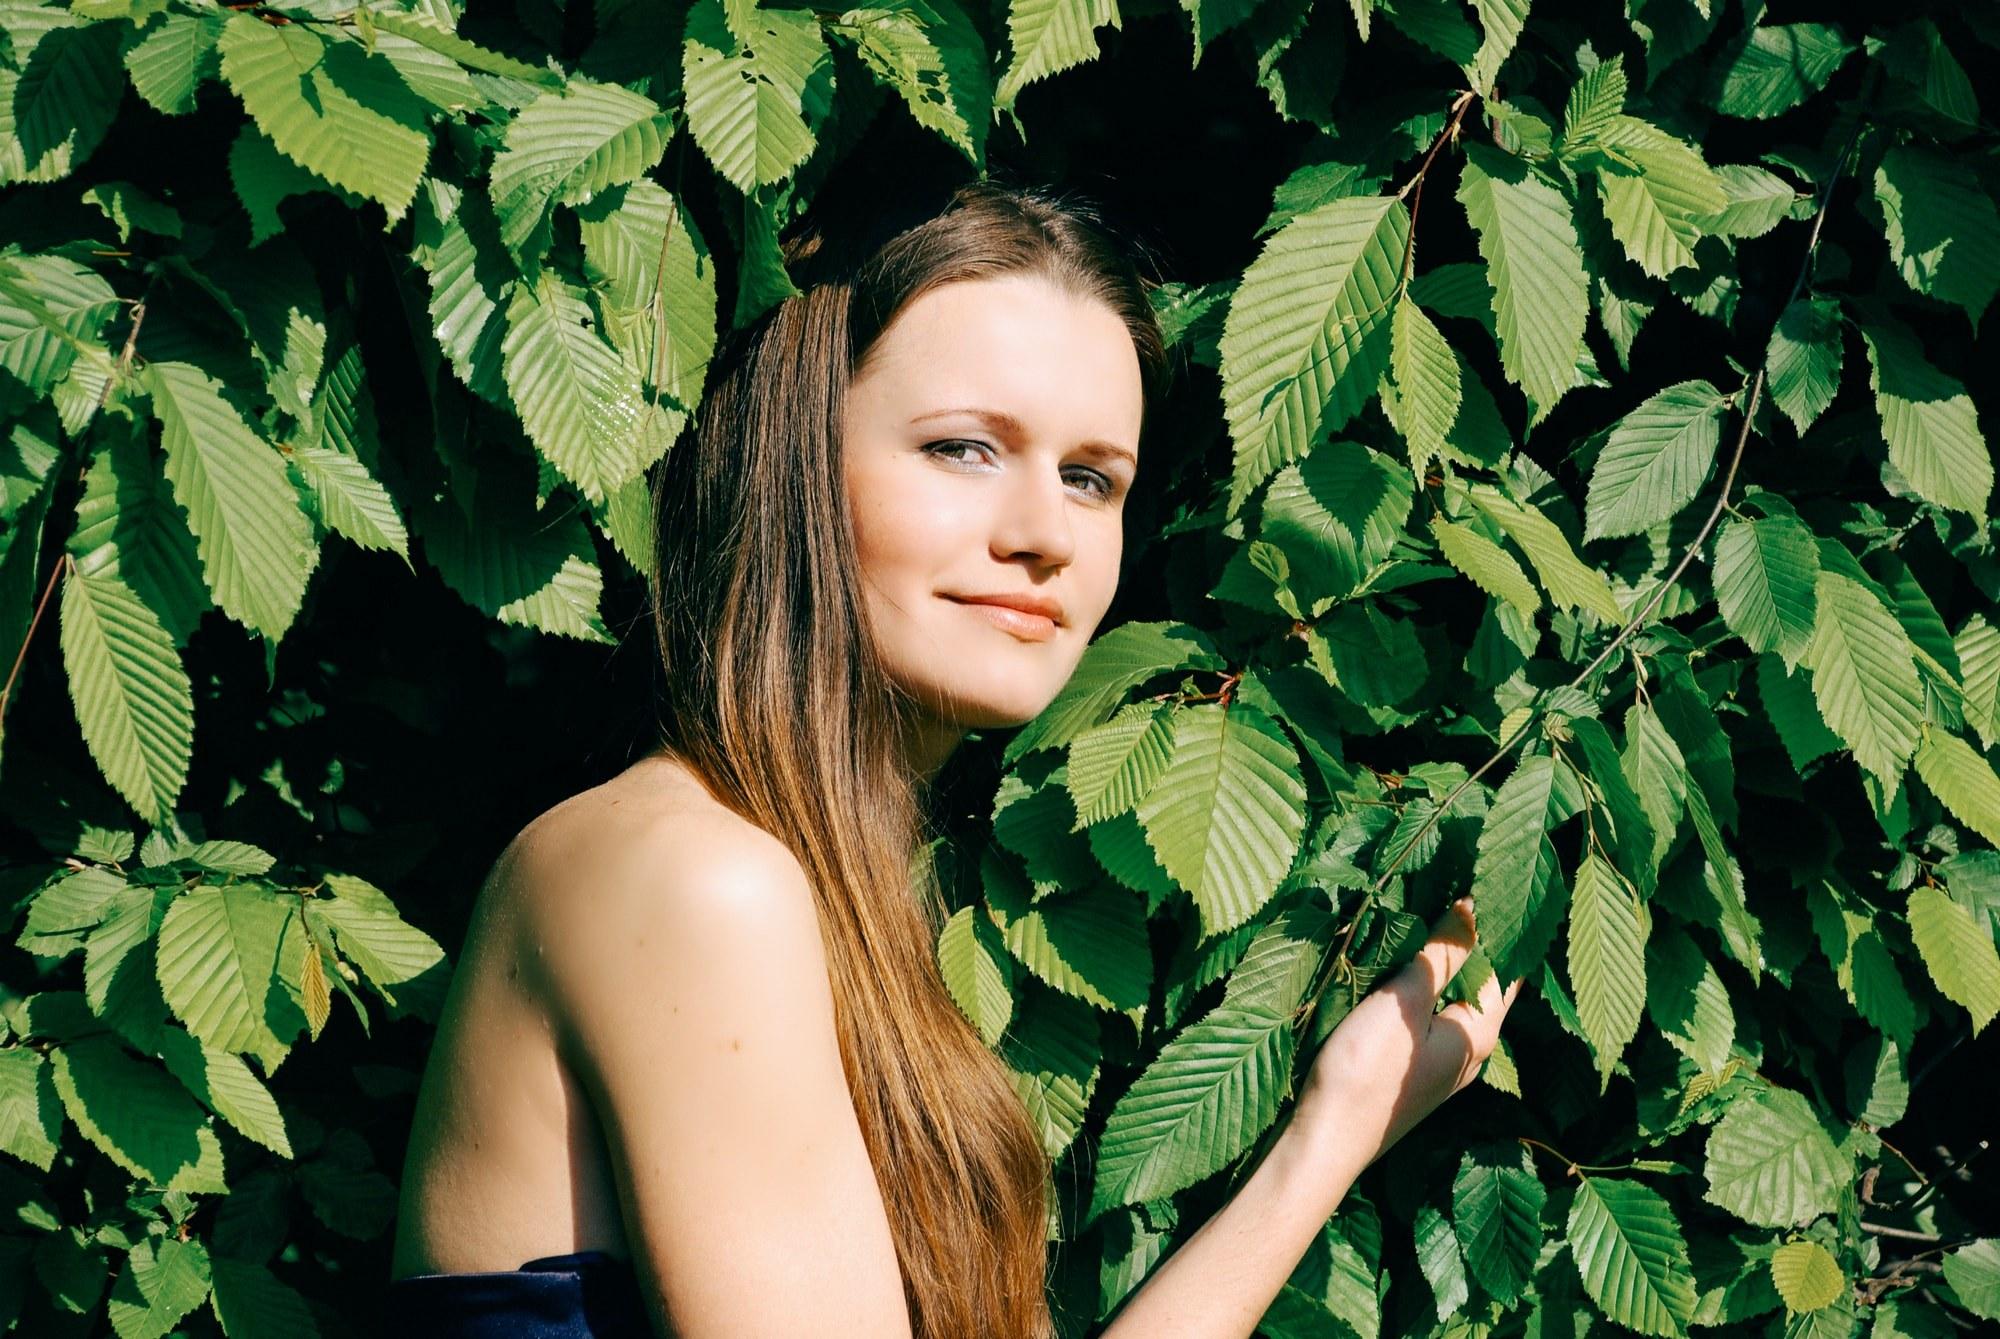 Фото девушки в парке - Фотограф Киев - Женя Лайт